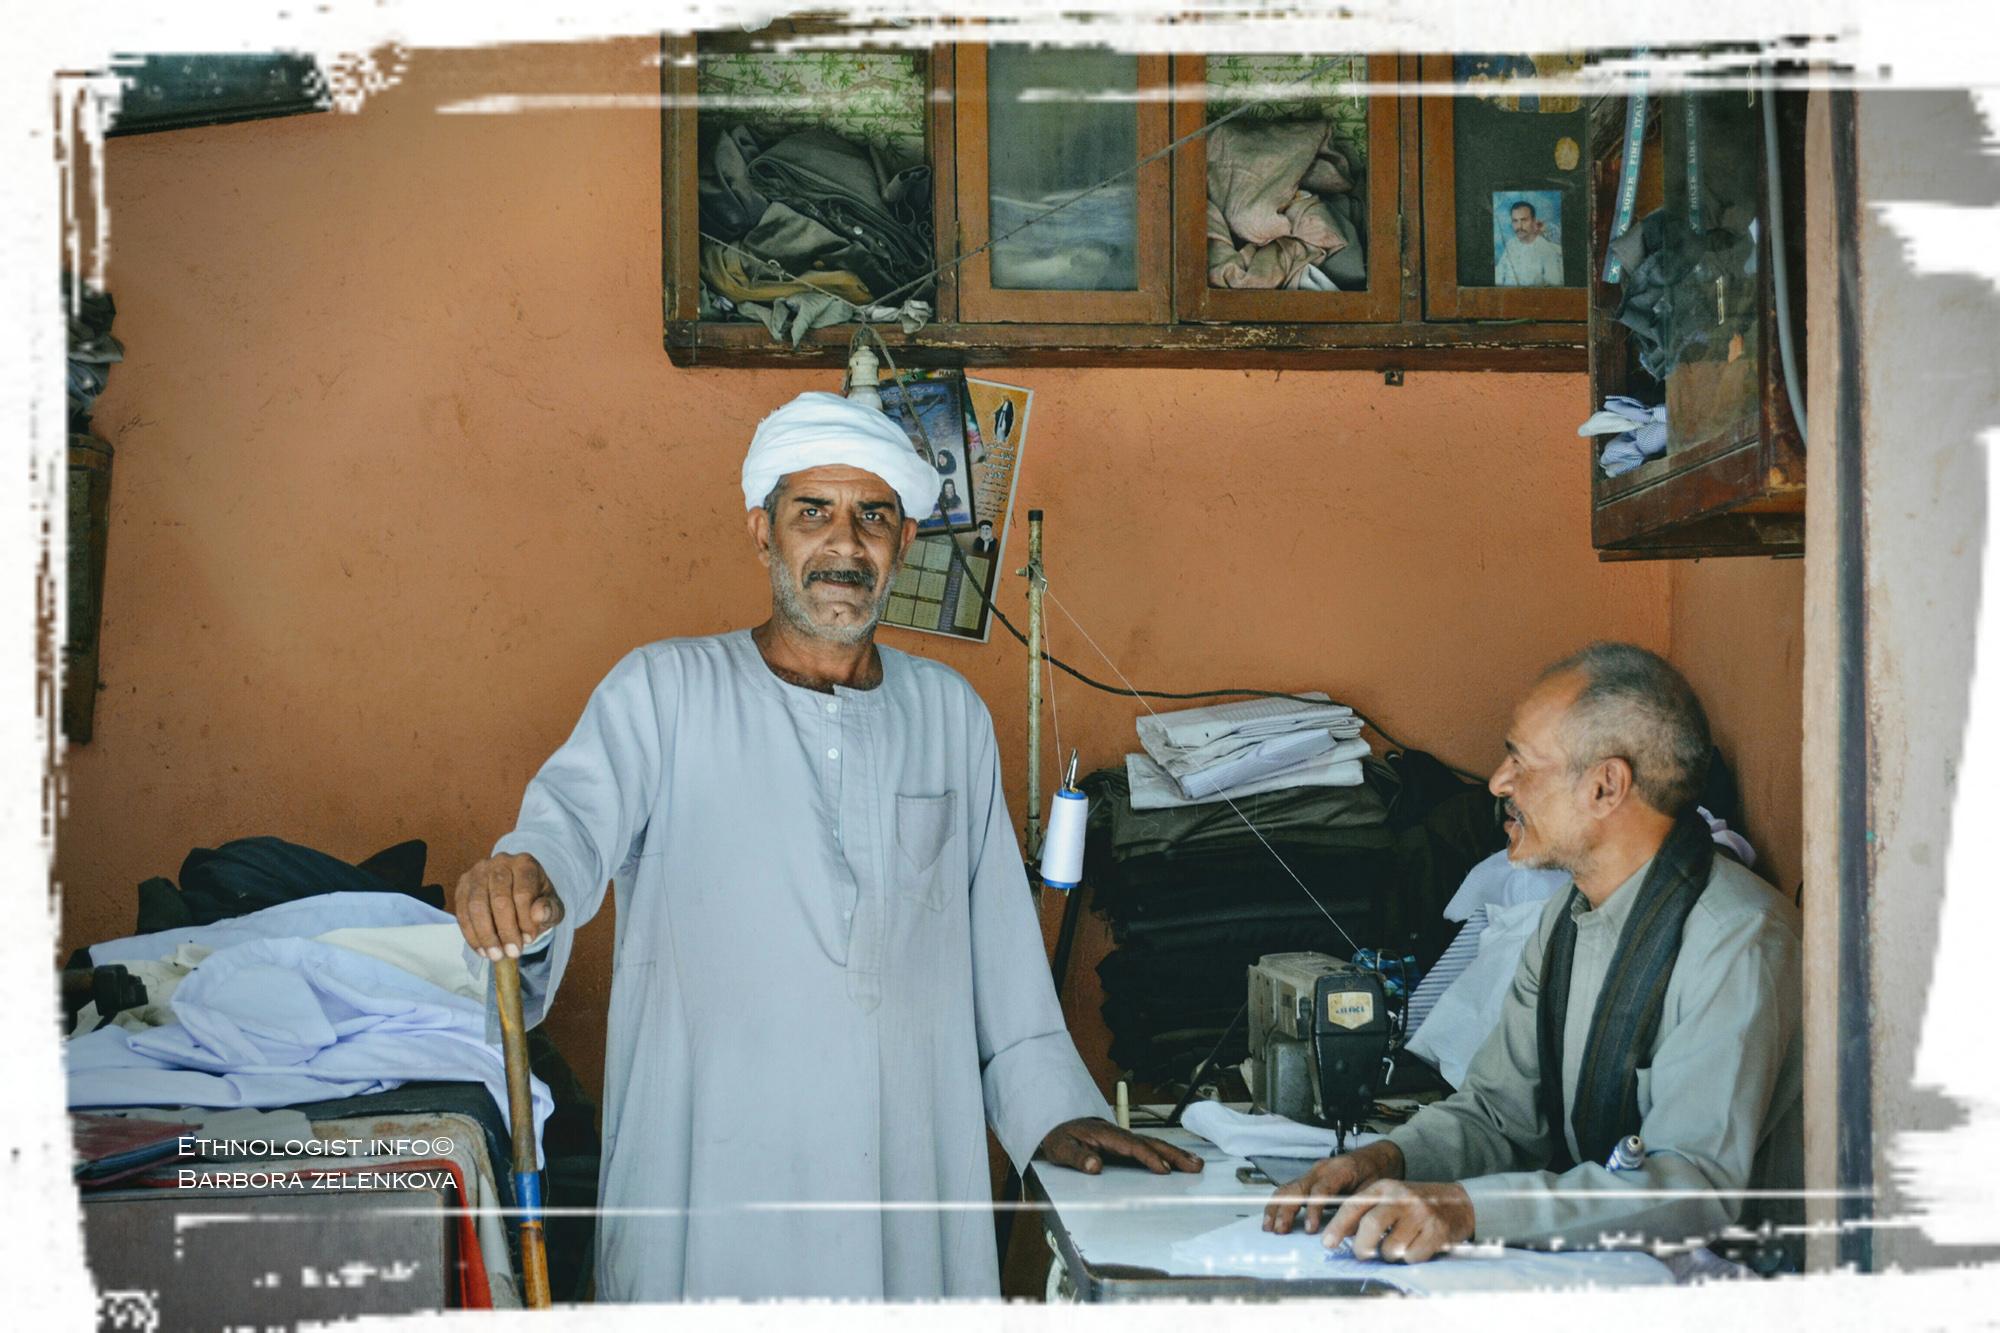 Muslim z káhirské čtvrti Manšínajat Násir na návštěvě u svého přítele, křesťanského krejčího. Foto: Barbora Zelenková, 2011.